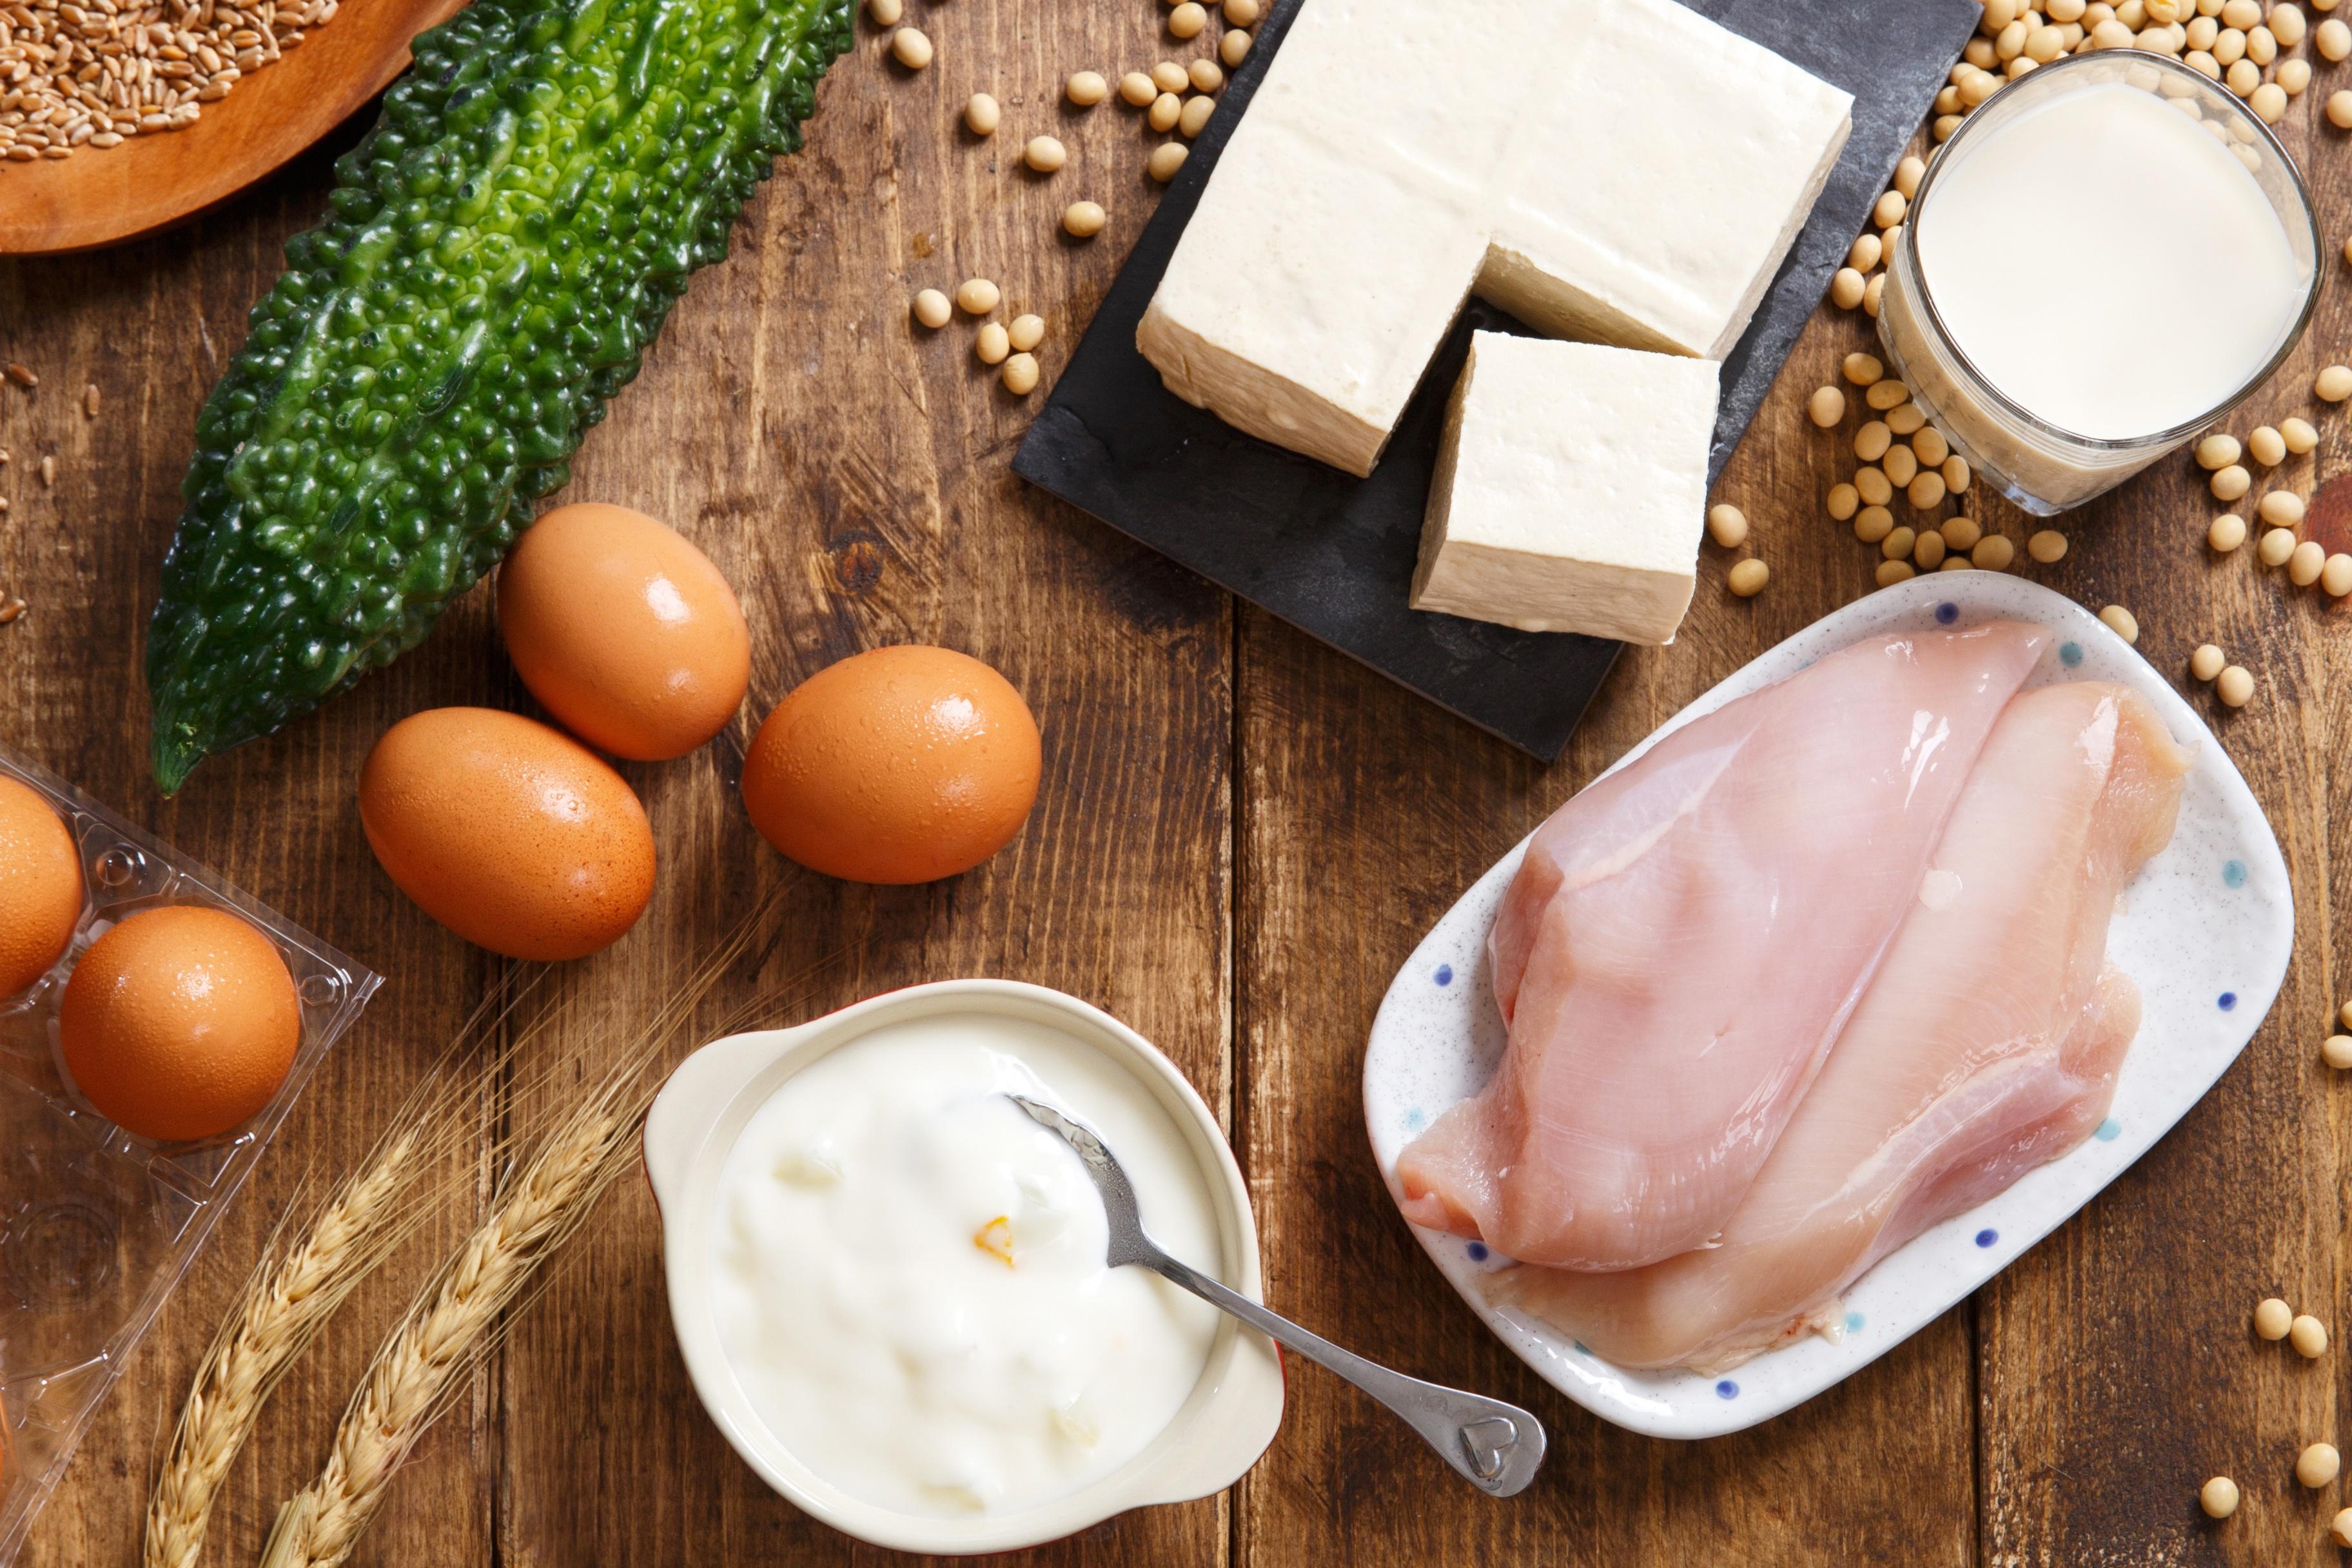 Диета И Сырое Яйцо. Сырое яйцо натощак: польза и вред